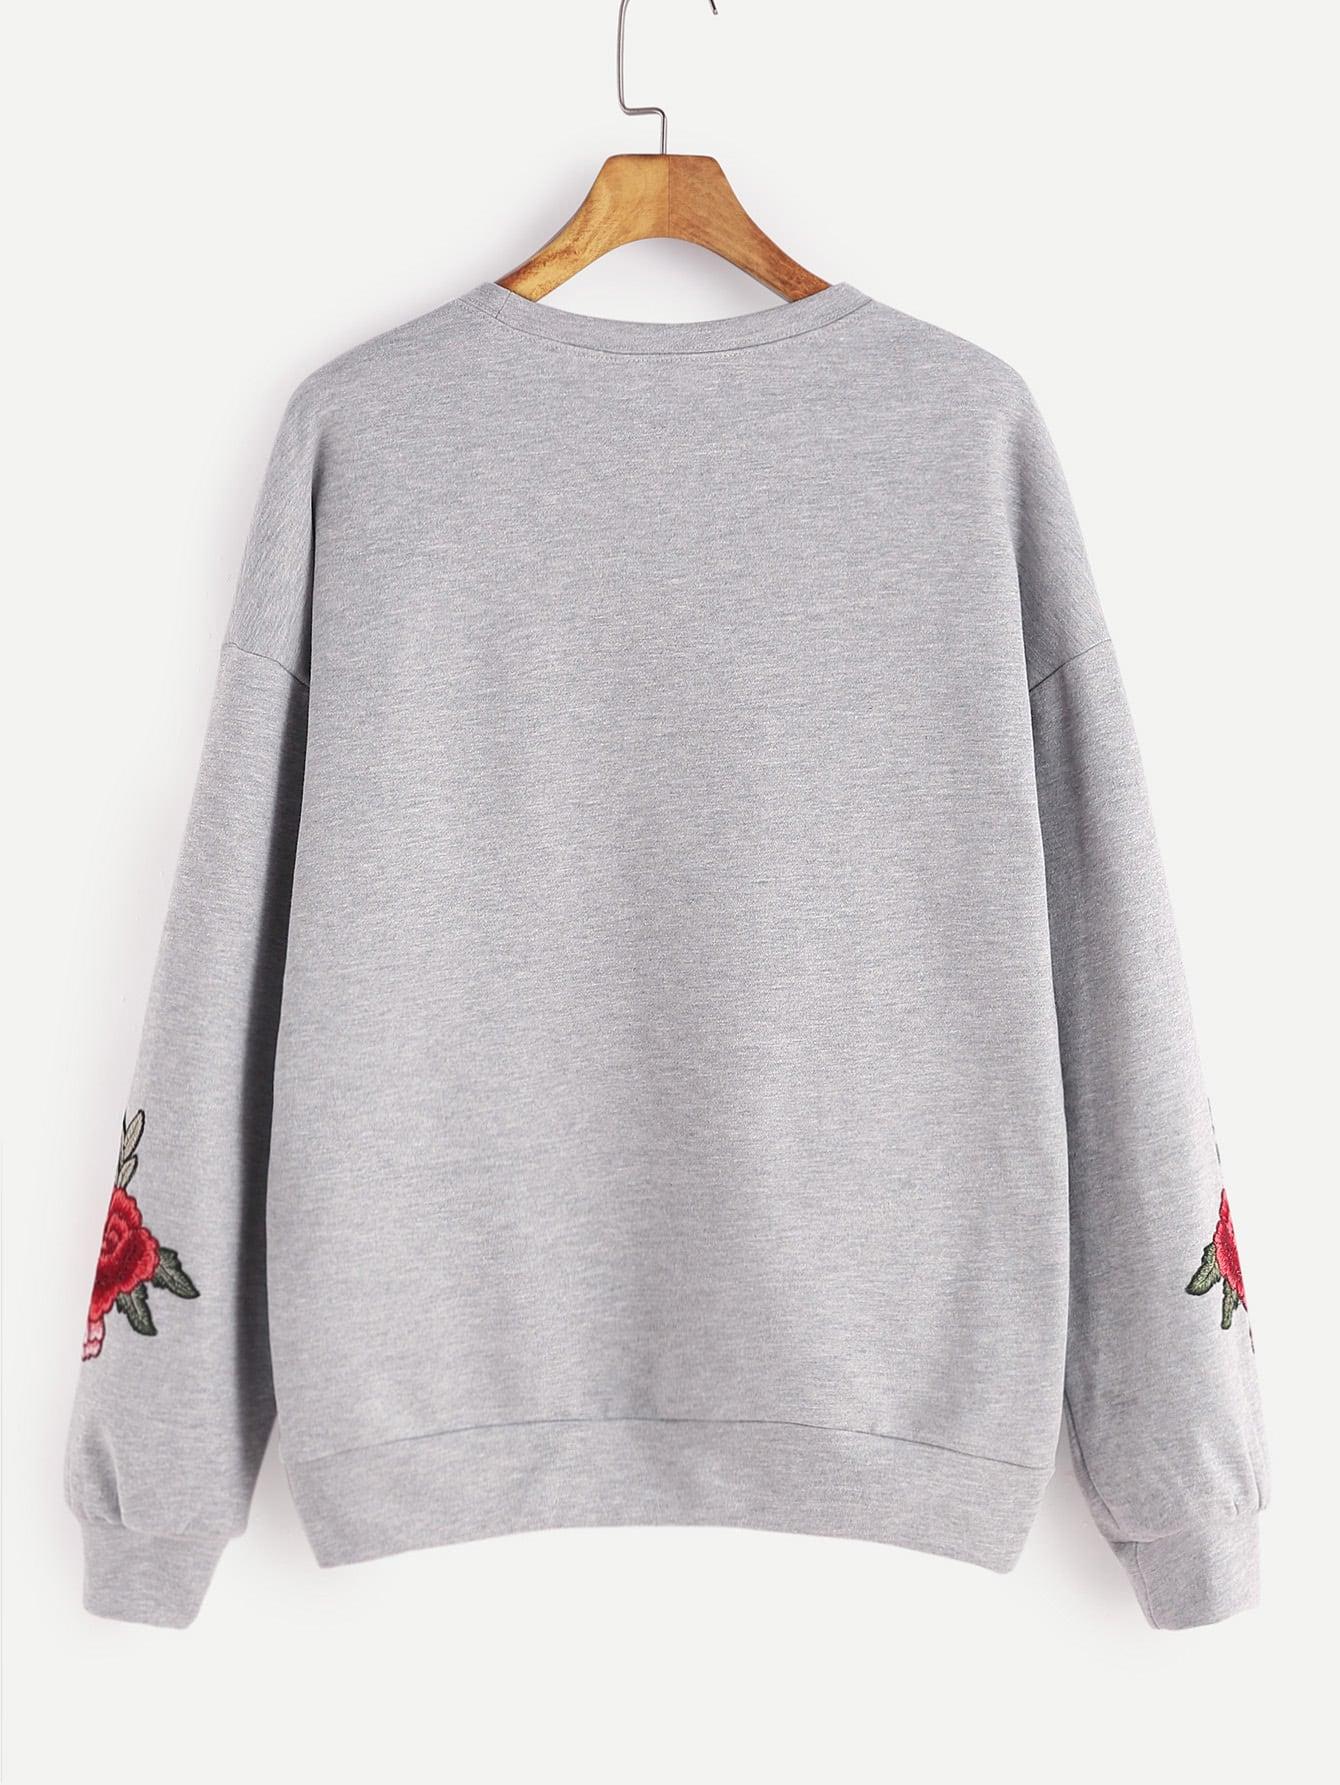 sweatshirt161122705_2